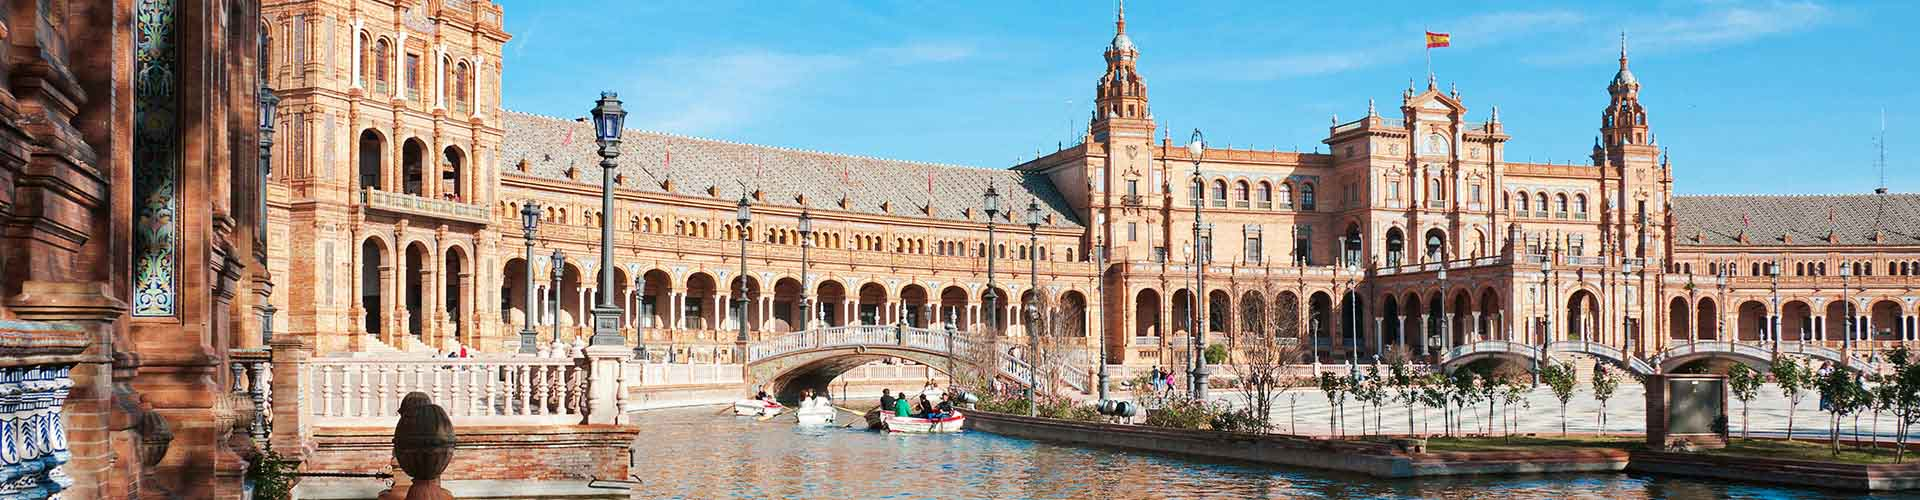 Seville - Hôtels dans le quartier de San Bartolome. Cartes pour Seville, photos et commentaires pour chaque hôtel à Seville.